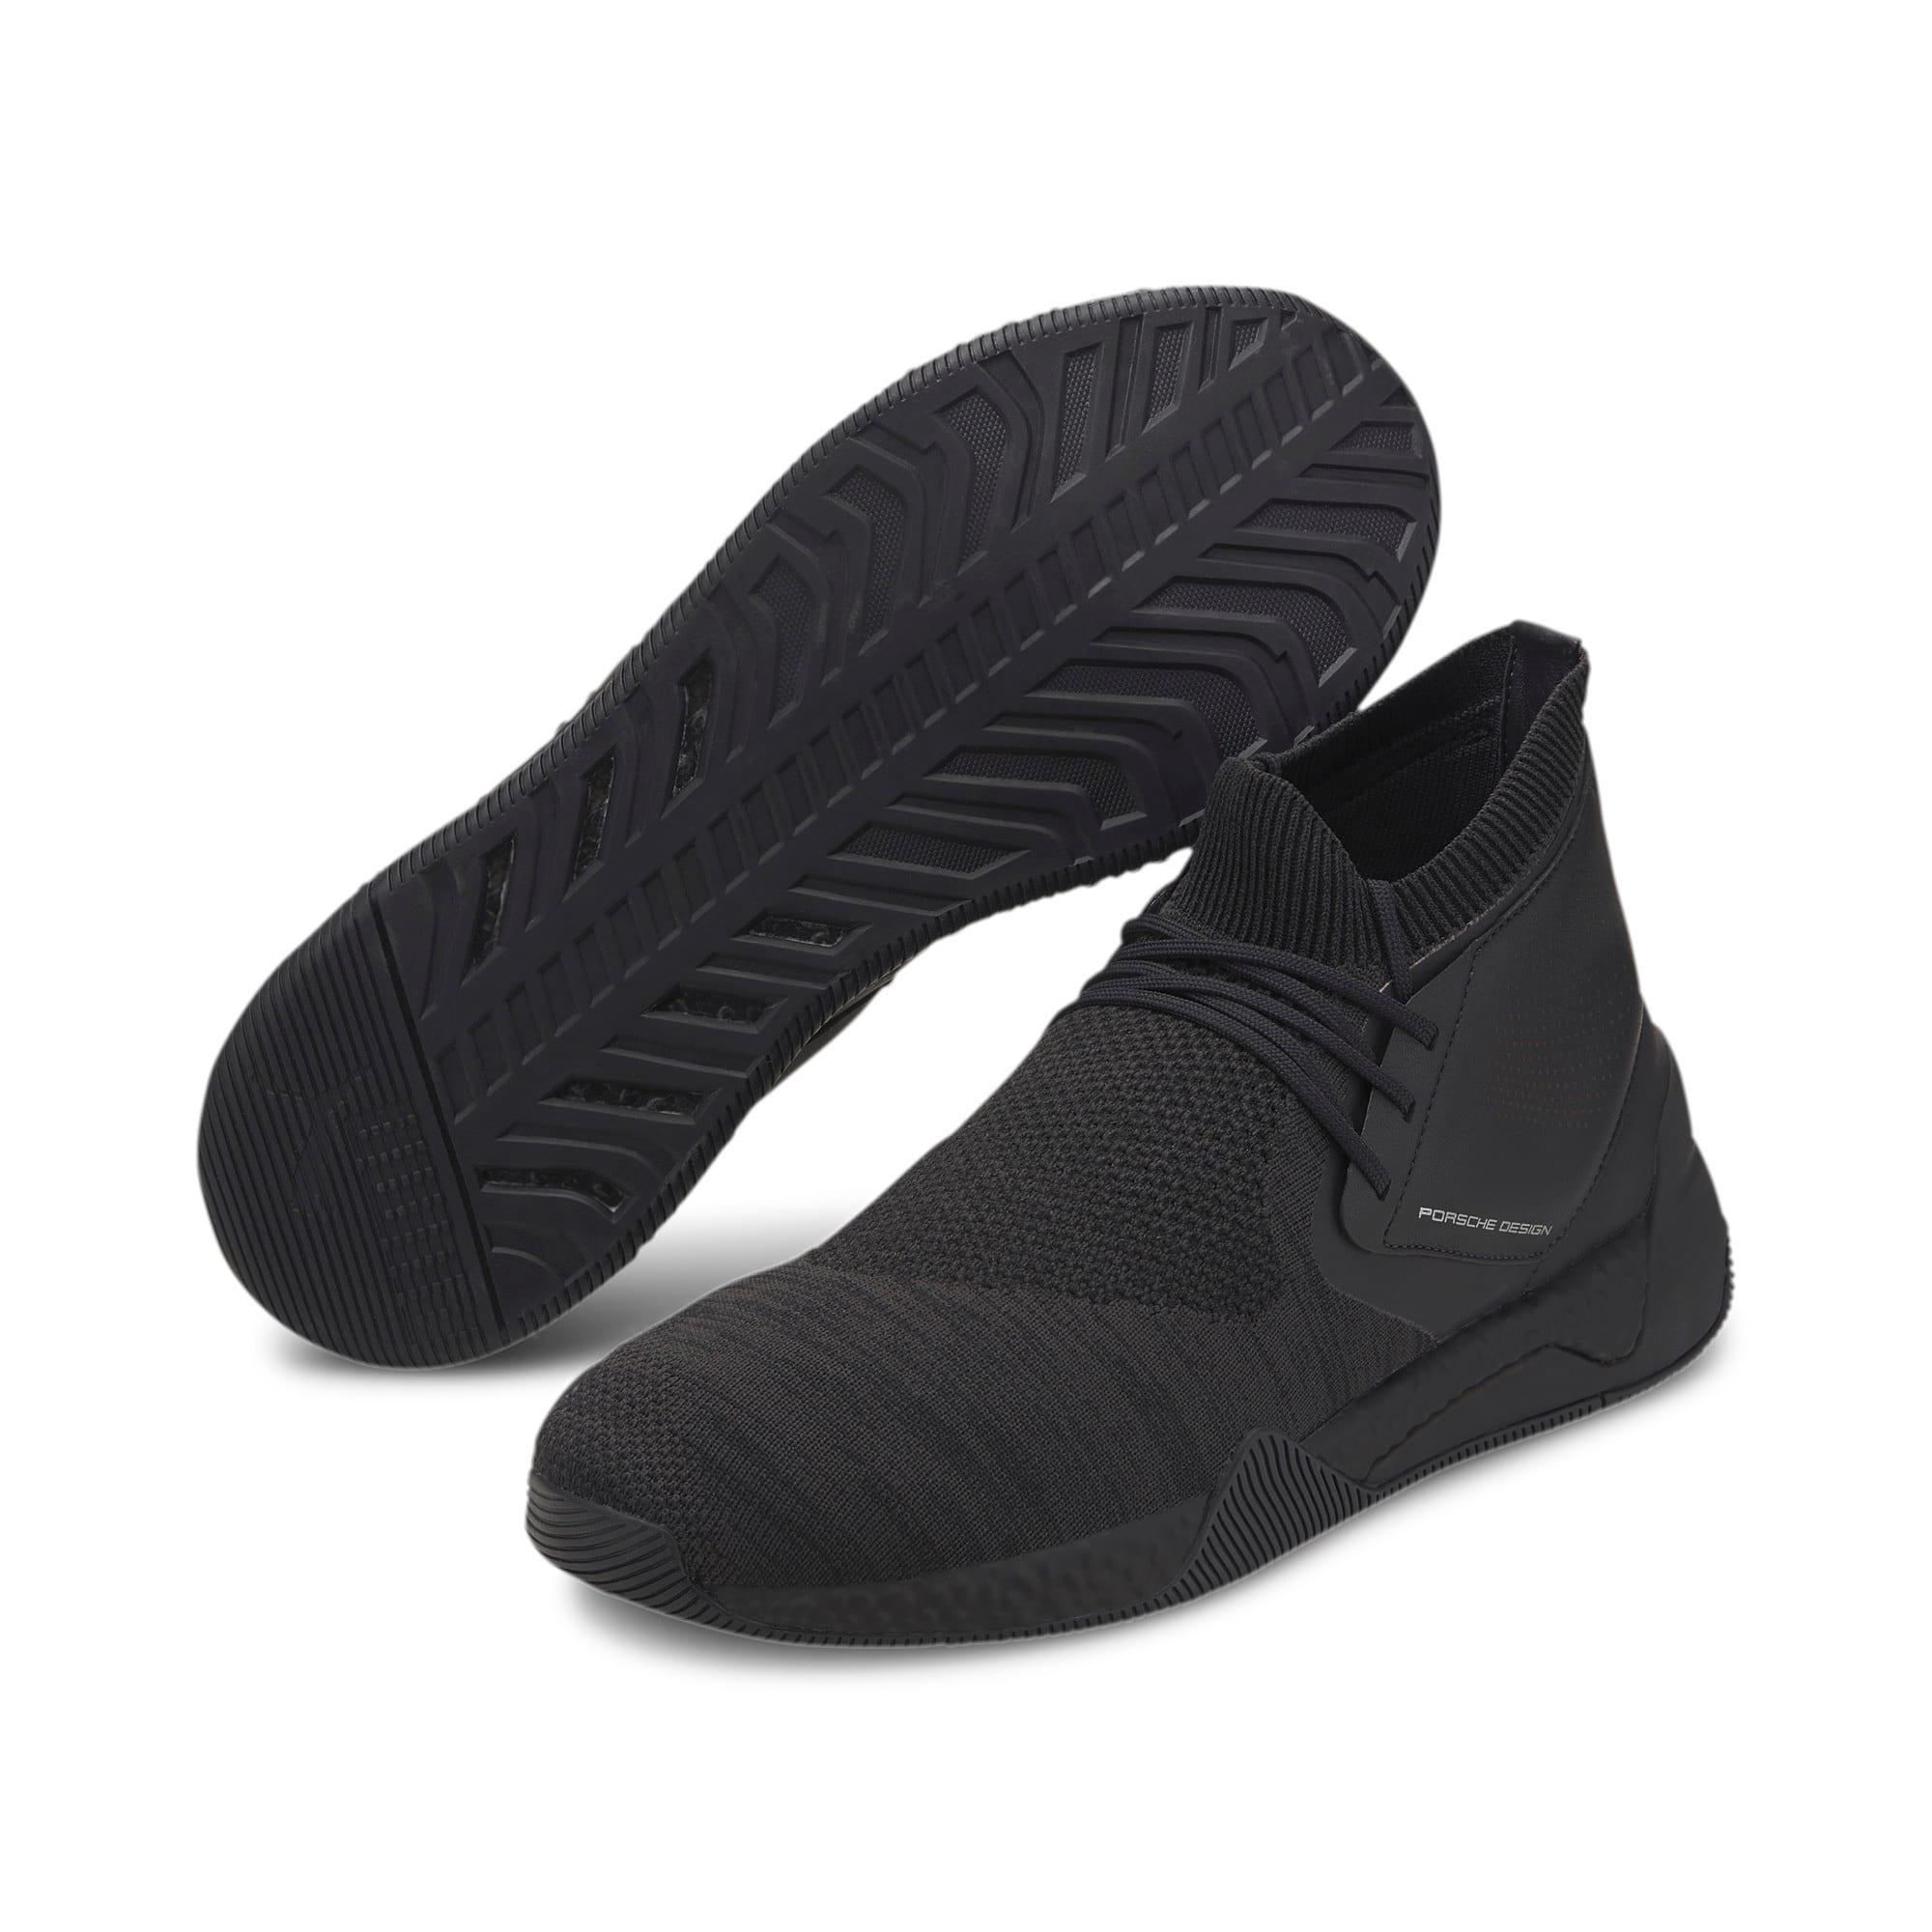 Thumbnail 3 of Porsche Design HYBRID evoKNIT Men's Running Shoes, Jet Black-Jet Black-JetBlack, medium